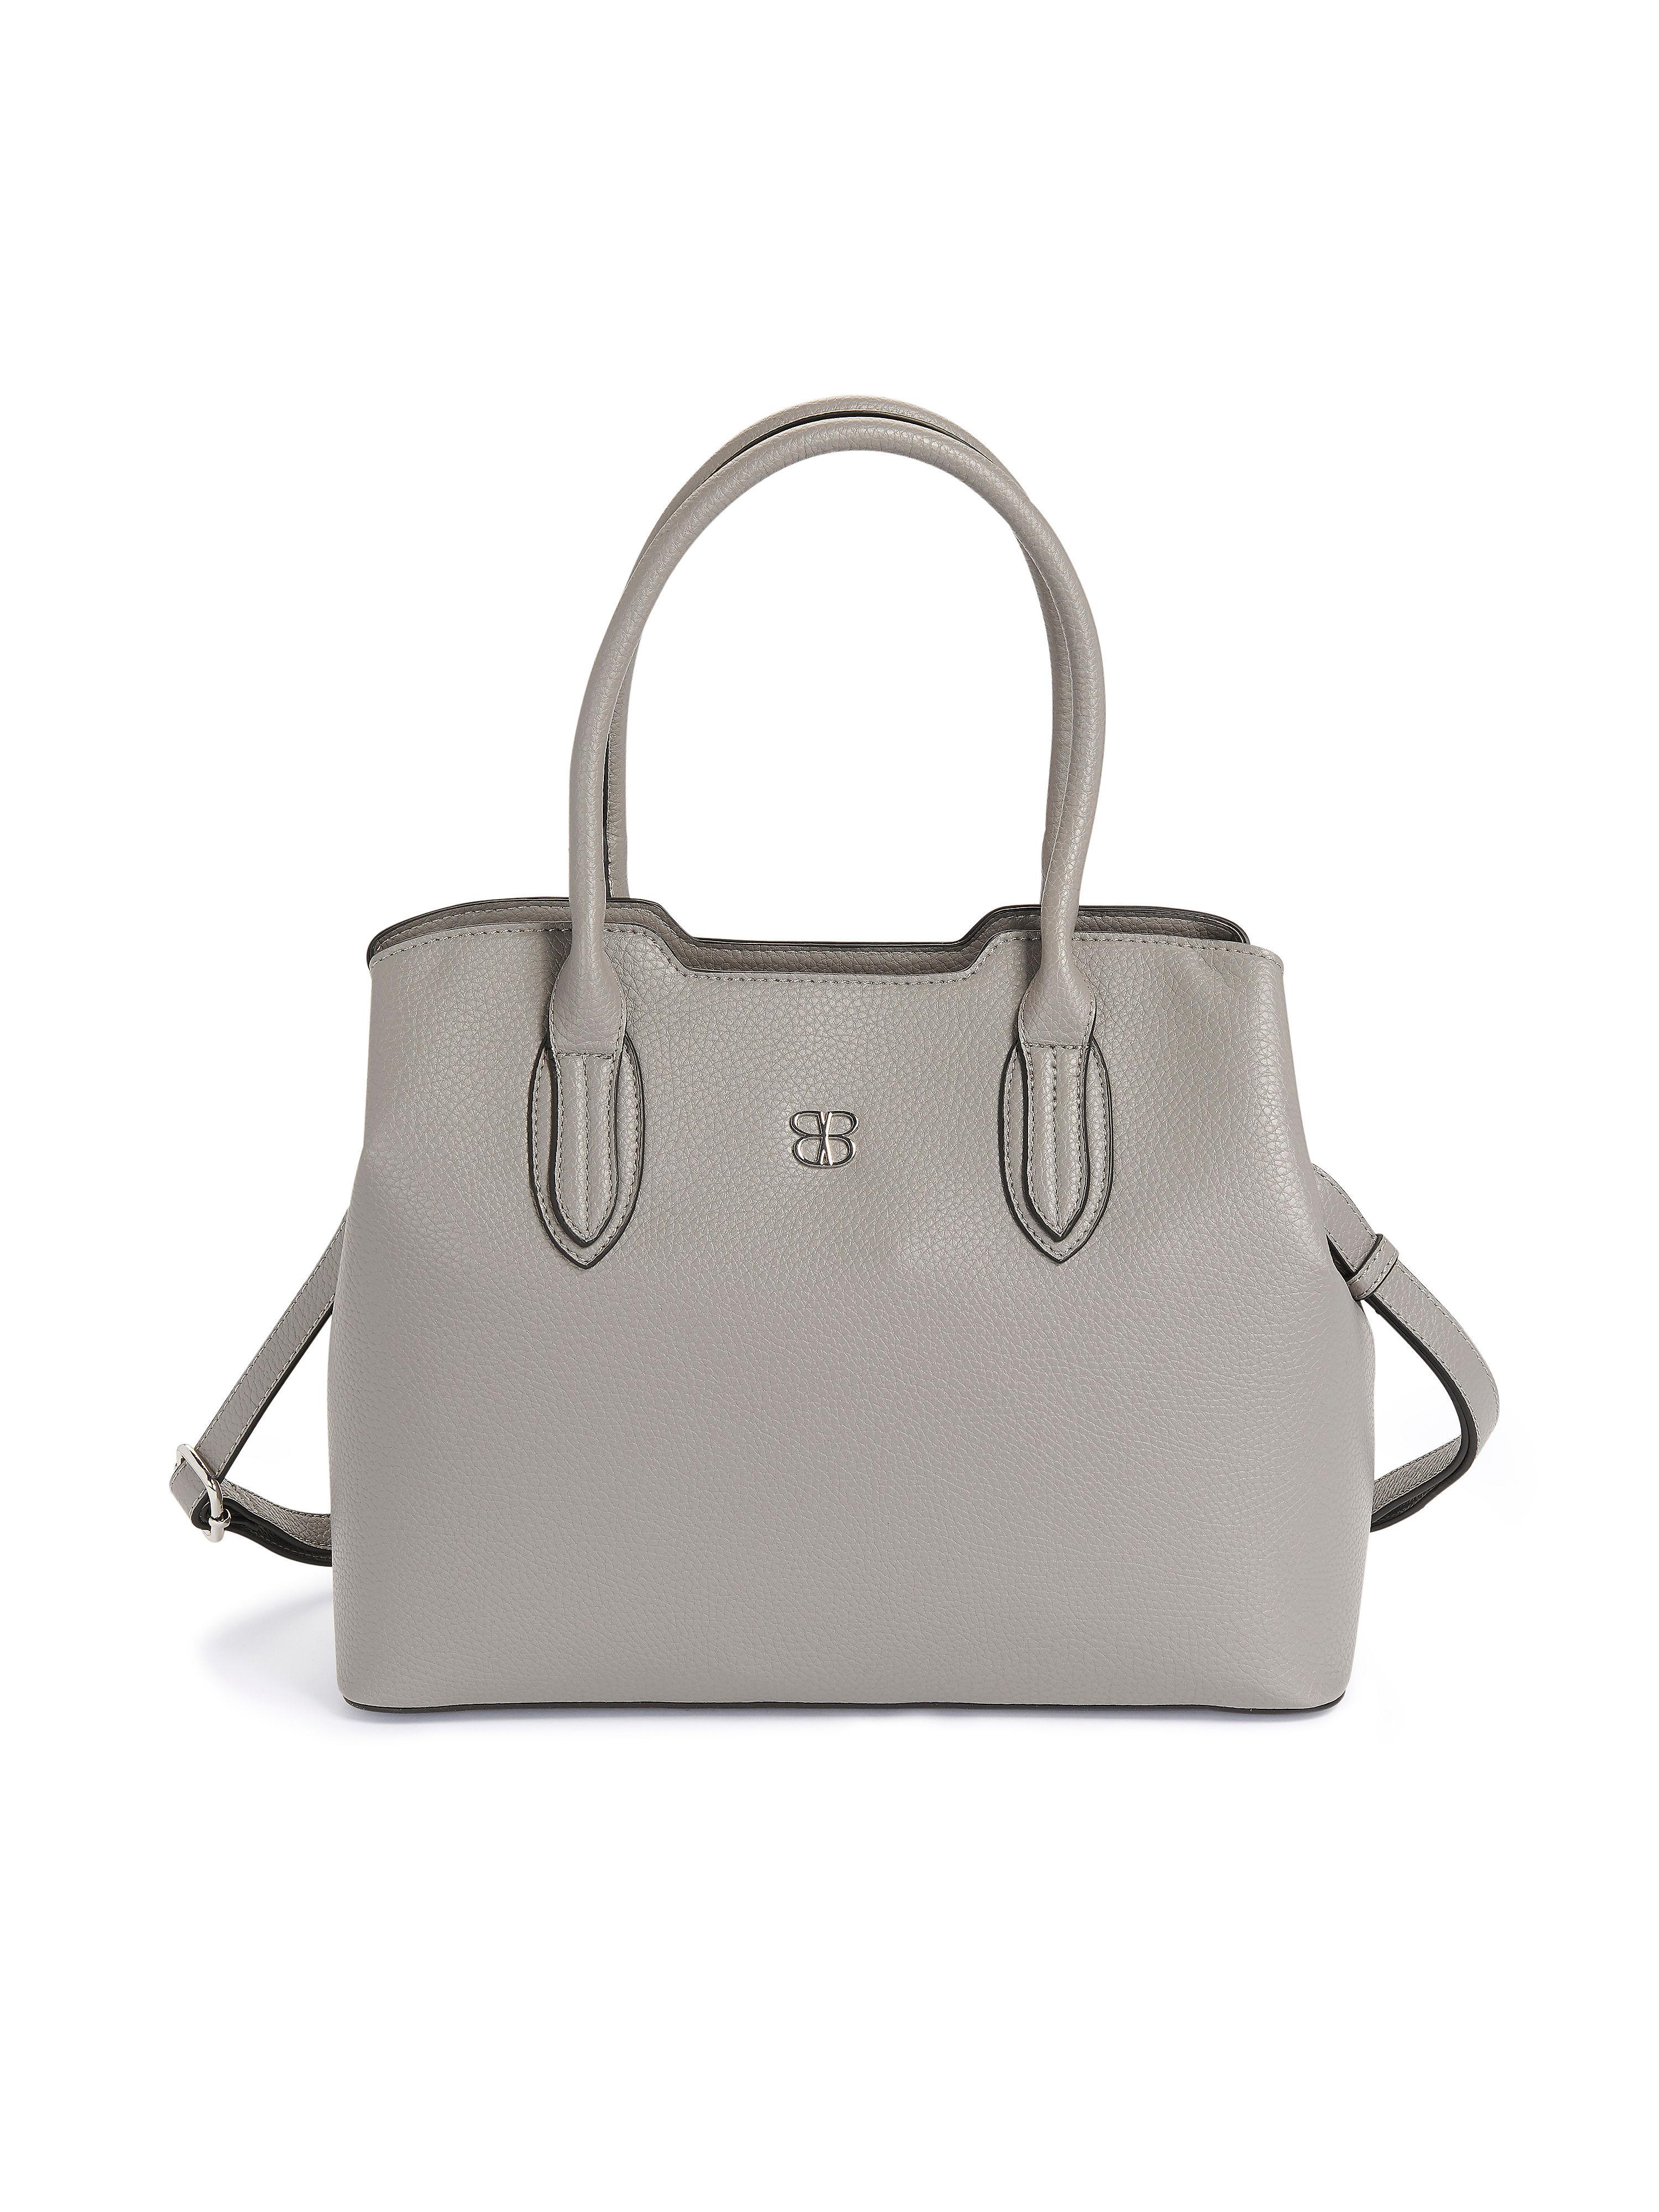 Shopper Basler grau | Taschen > Handtaschen > Shopper | Basler